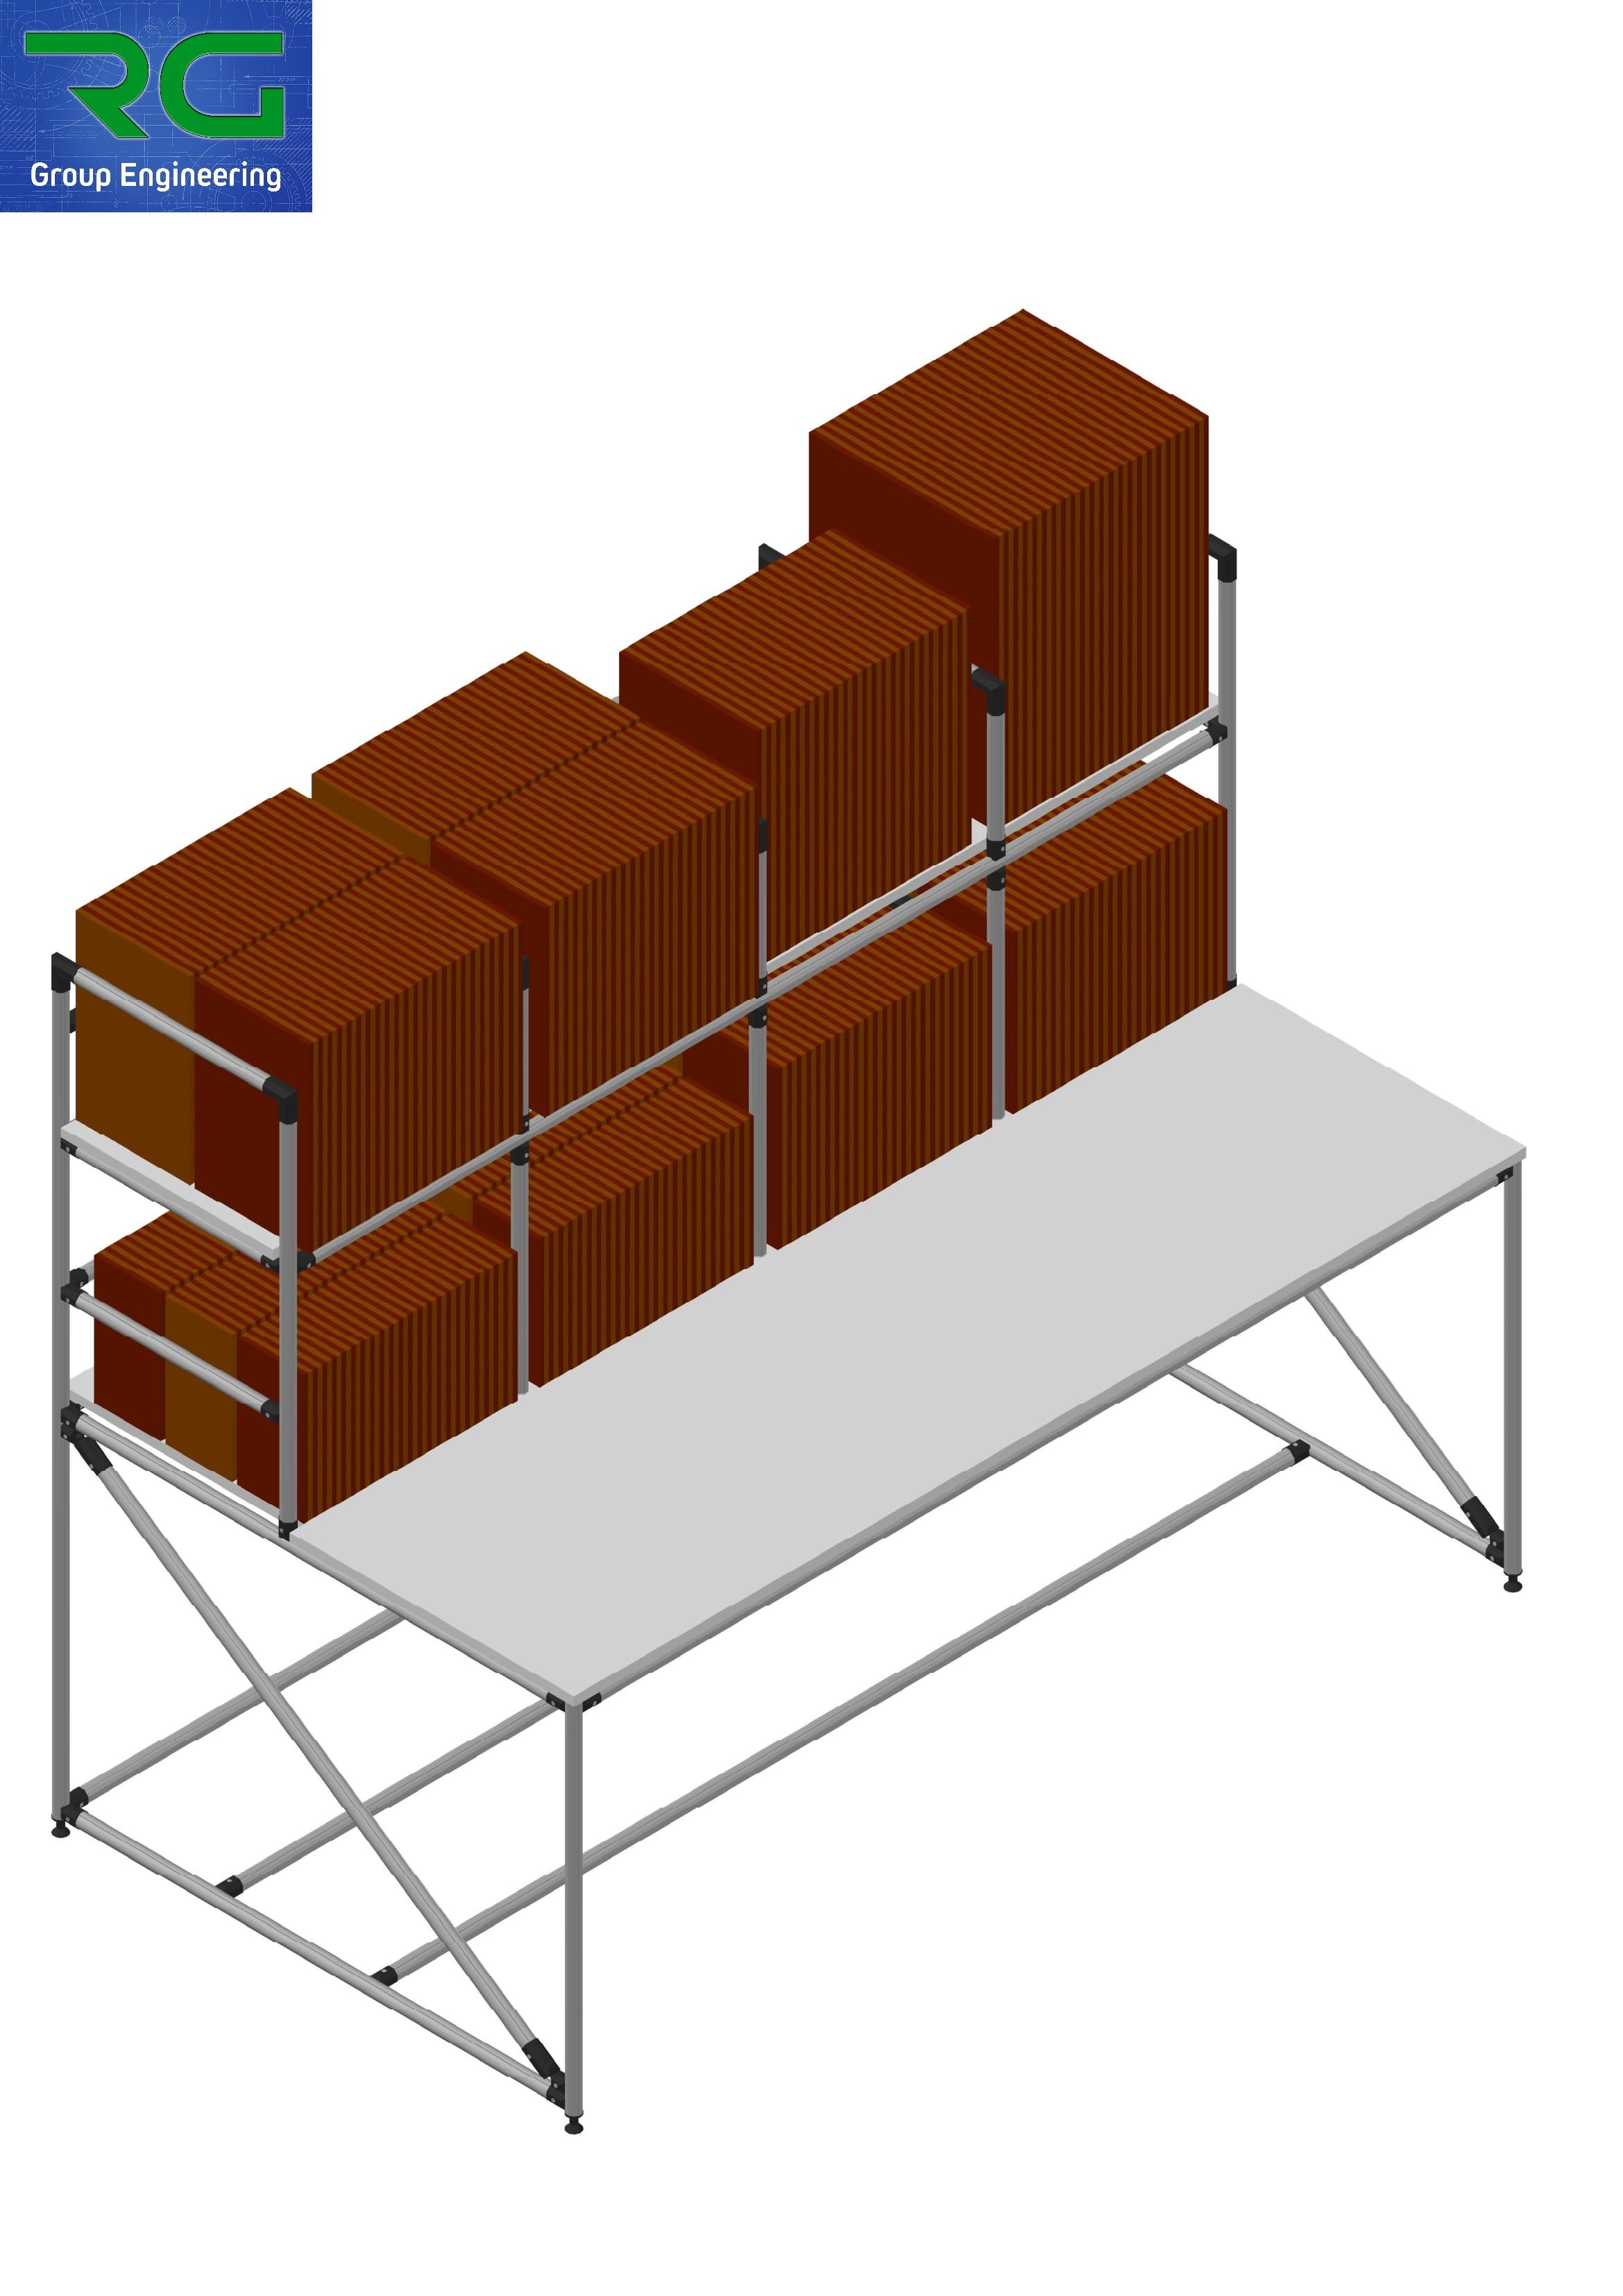 BANCO (SETTORE MANIFATTURIERO) Struttura lean statica in alluminio per stoccaggio e preparazione buste.